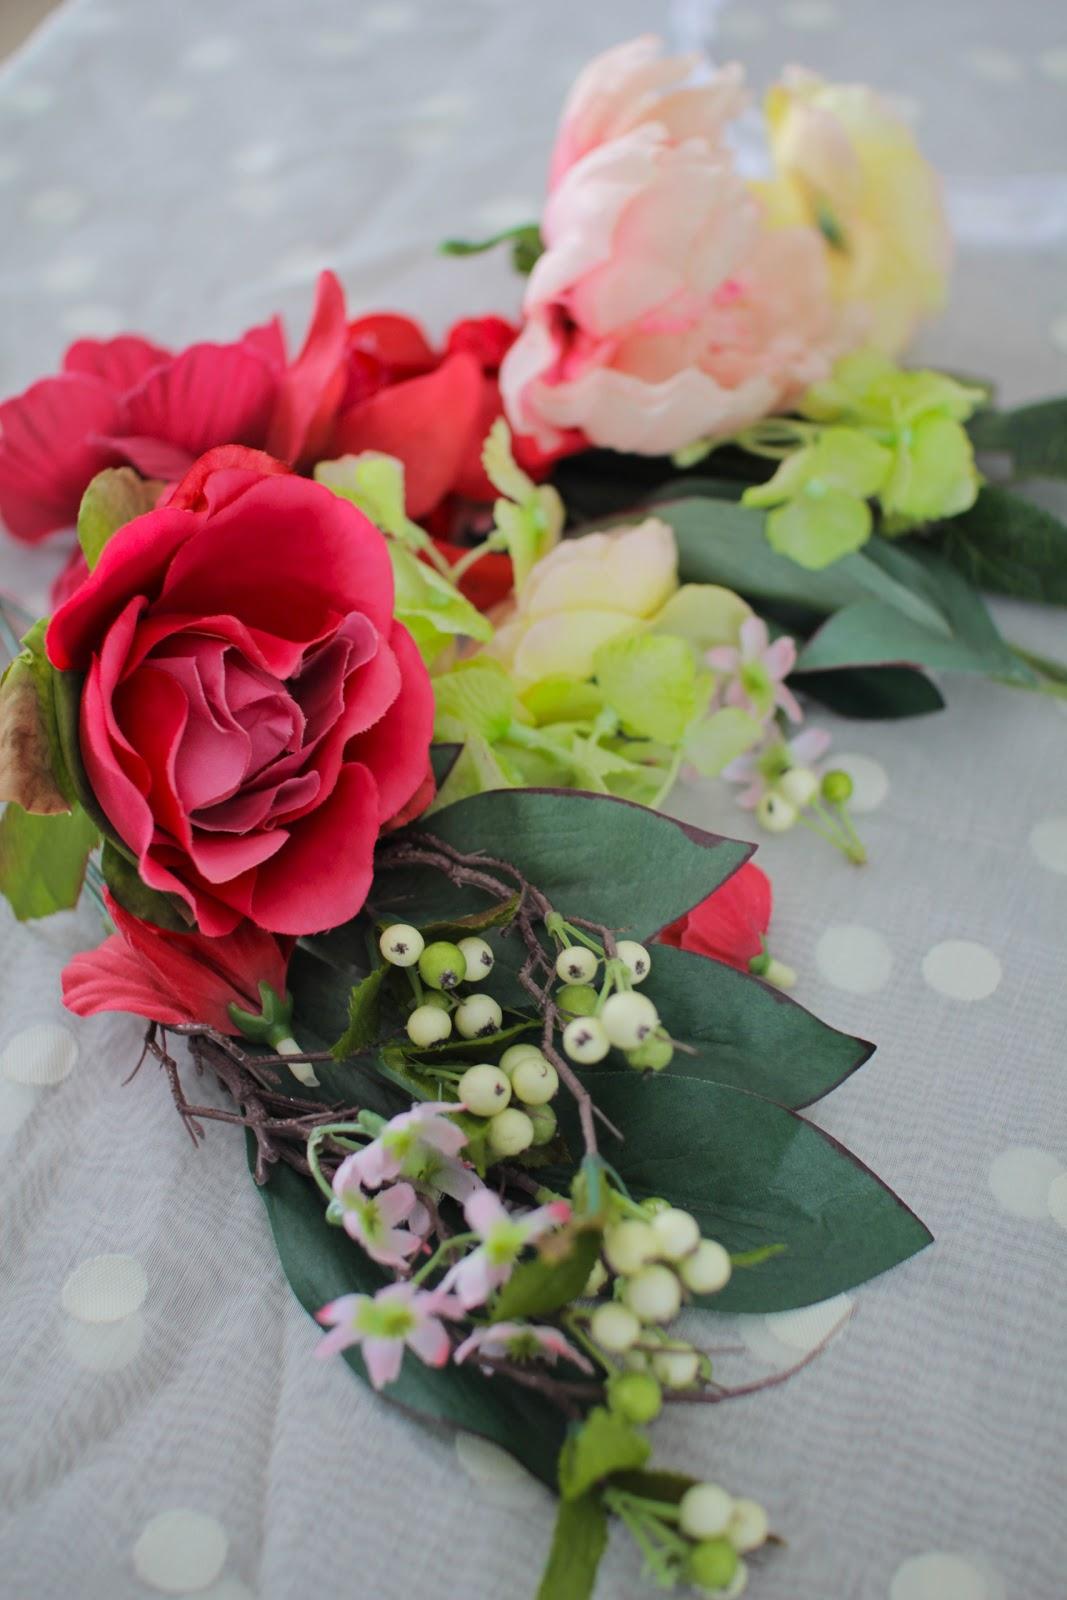 Lovelies in my life floral crown diy floral crown diy izmirmasajfo